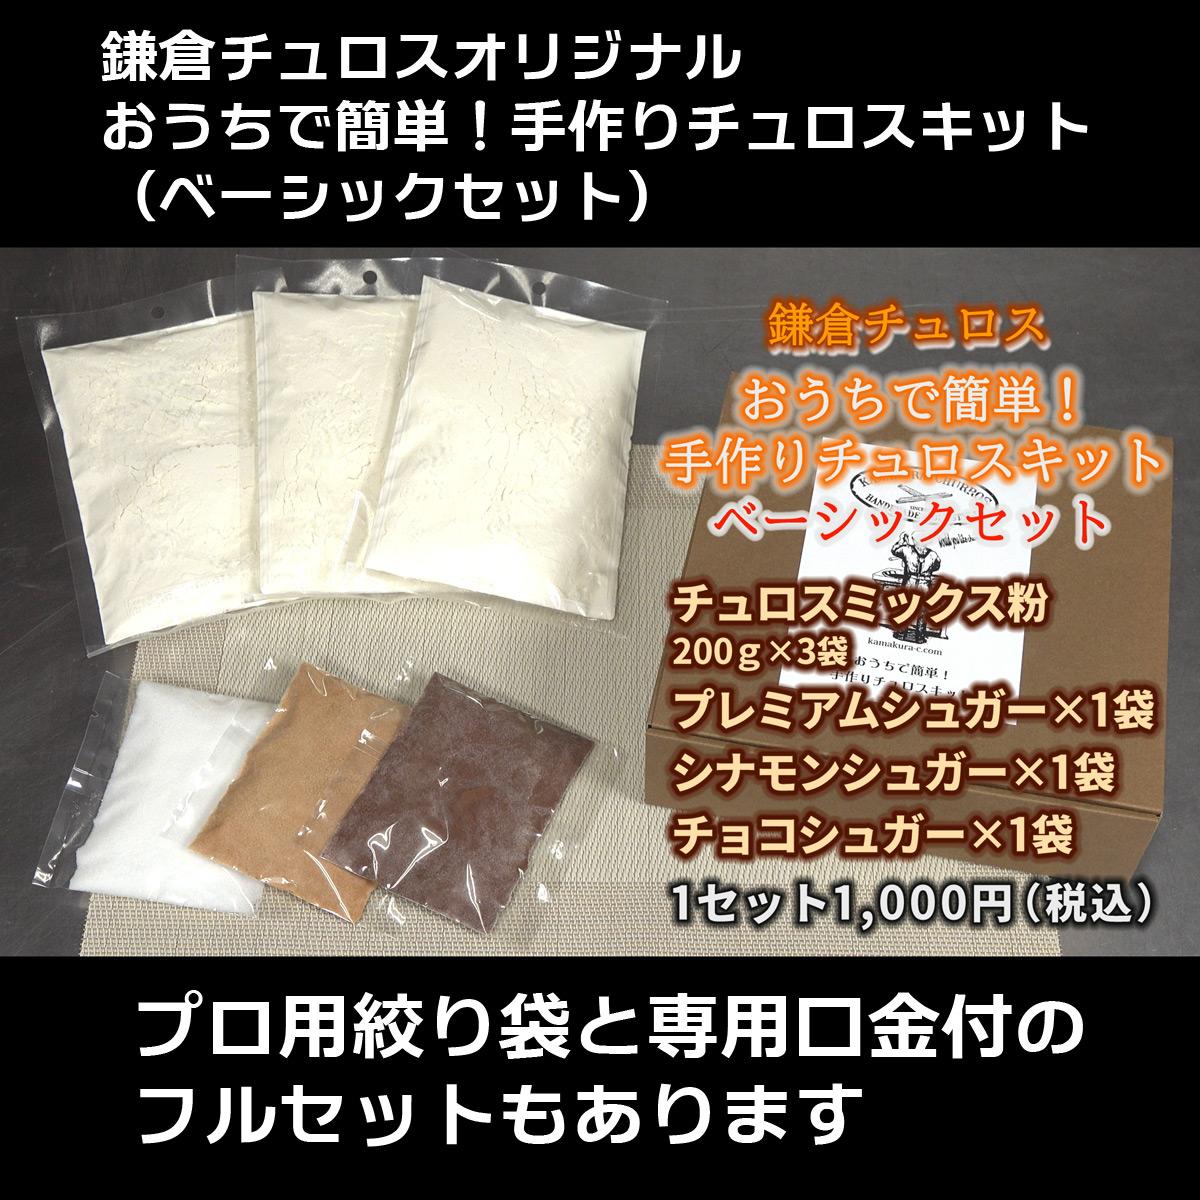 鎌倉チュロス おうちで簡単!手作りチュロスキット 画像5